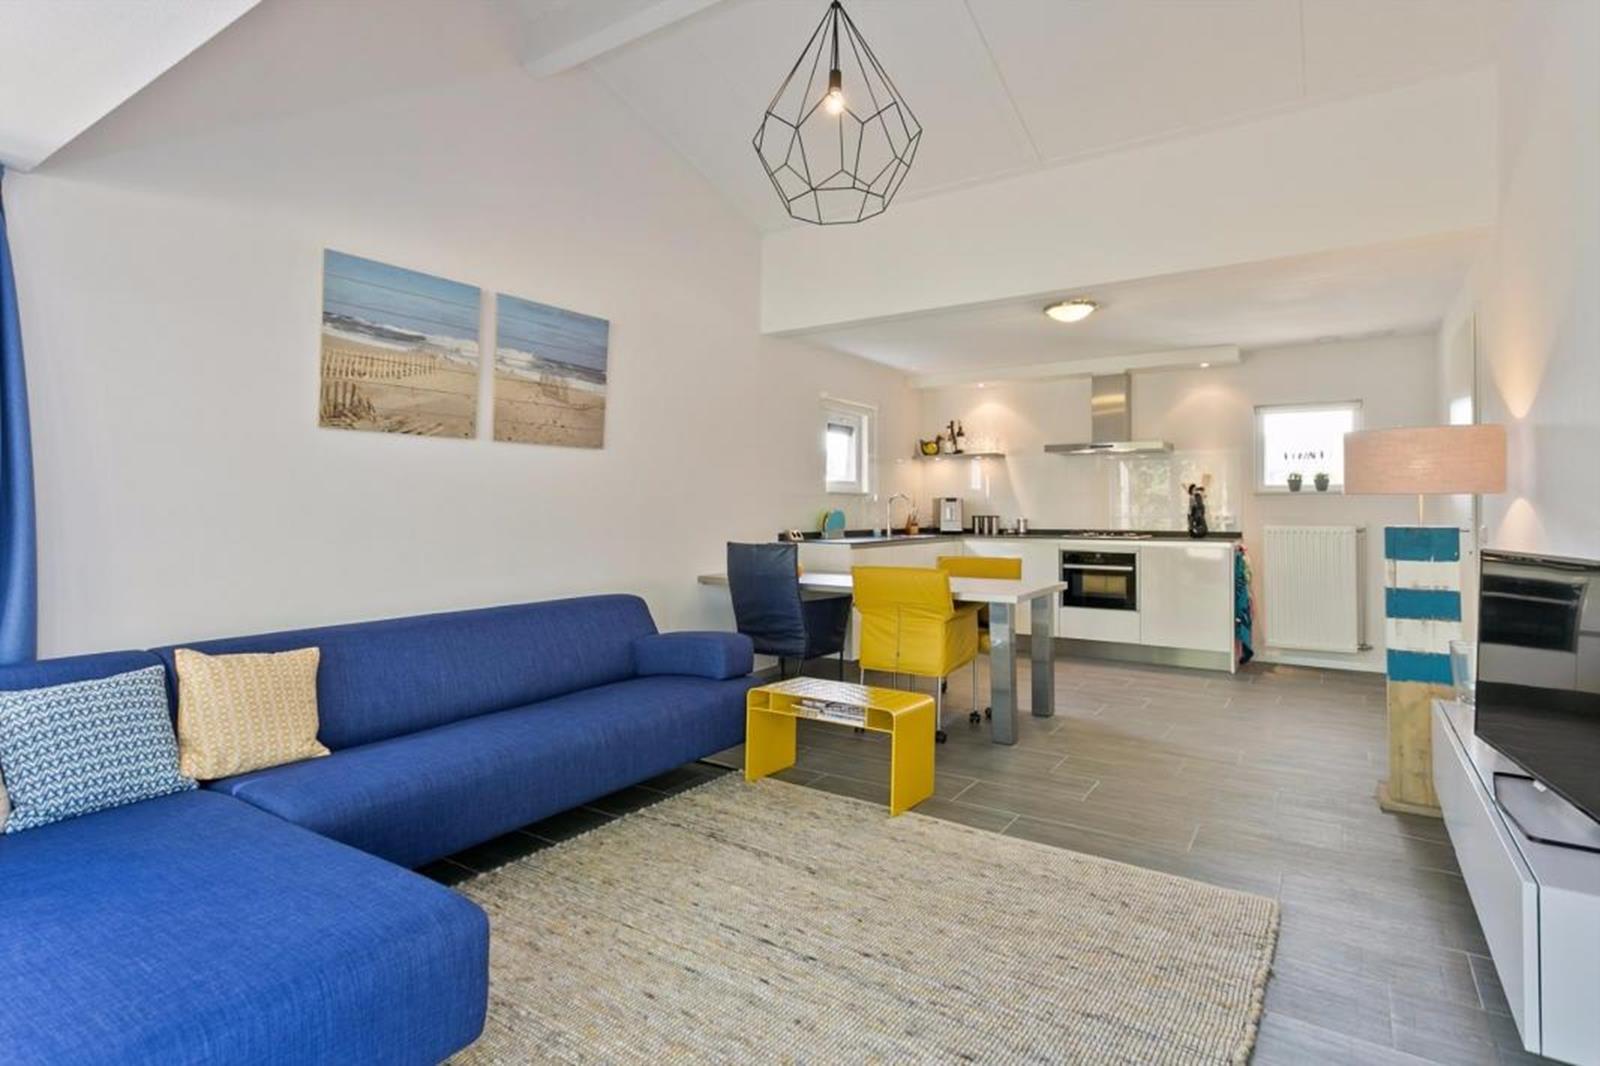 Vakantiehuis te koop Ouddorp WD31 025.jpg